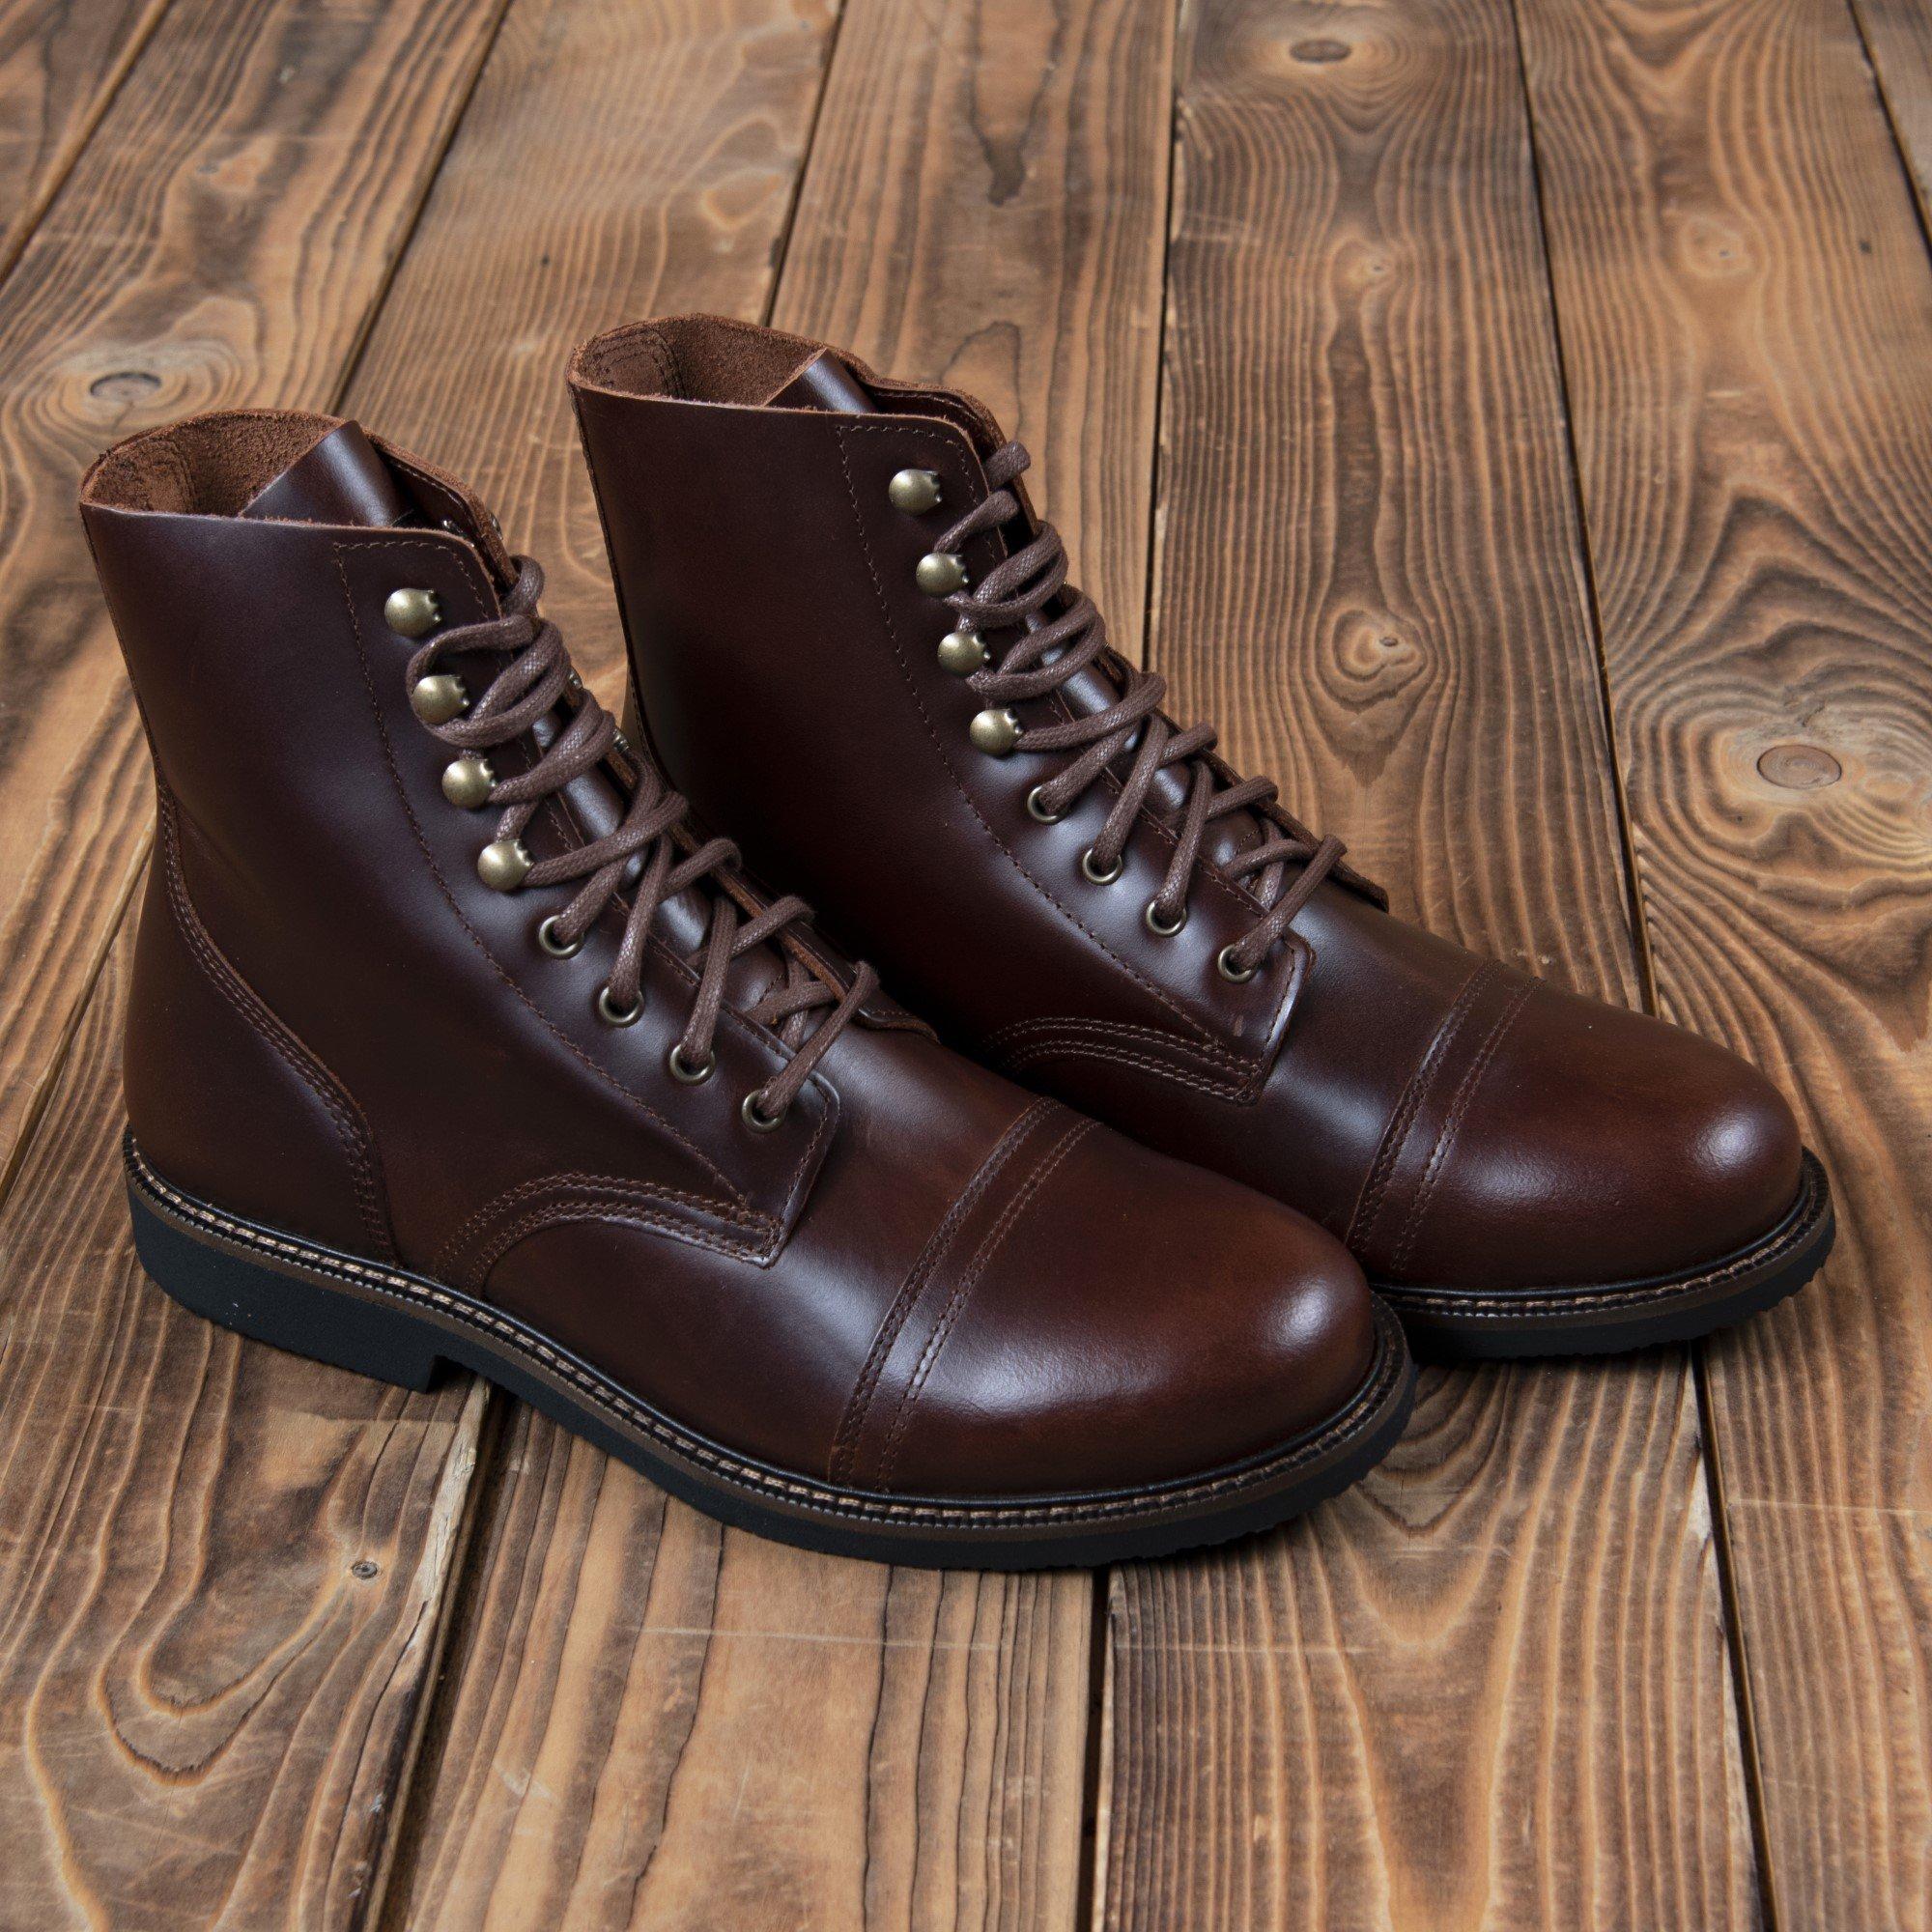 Leather boots 1966 low quarters cognac